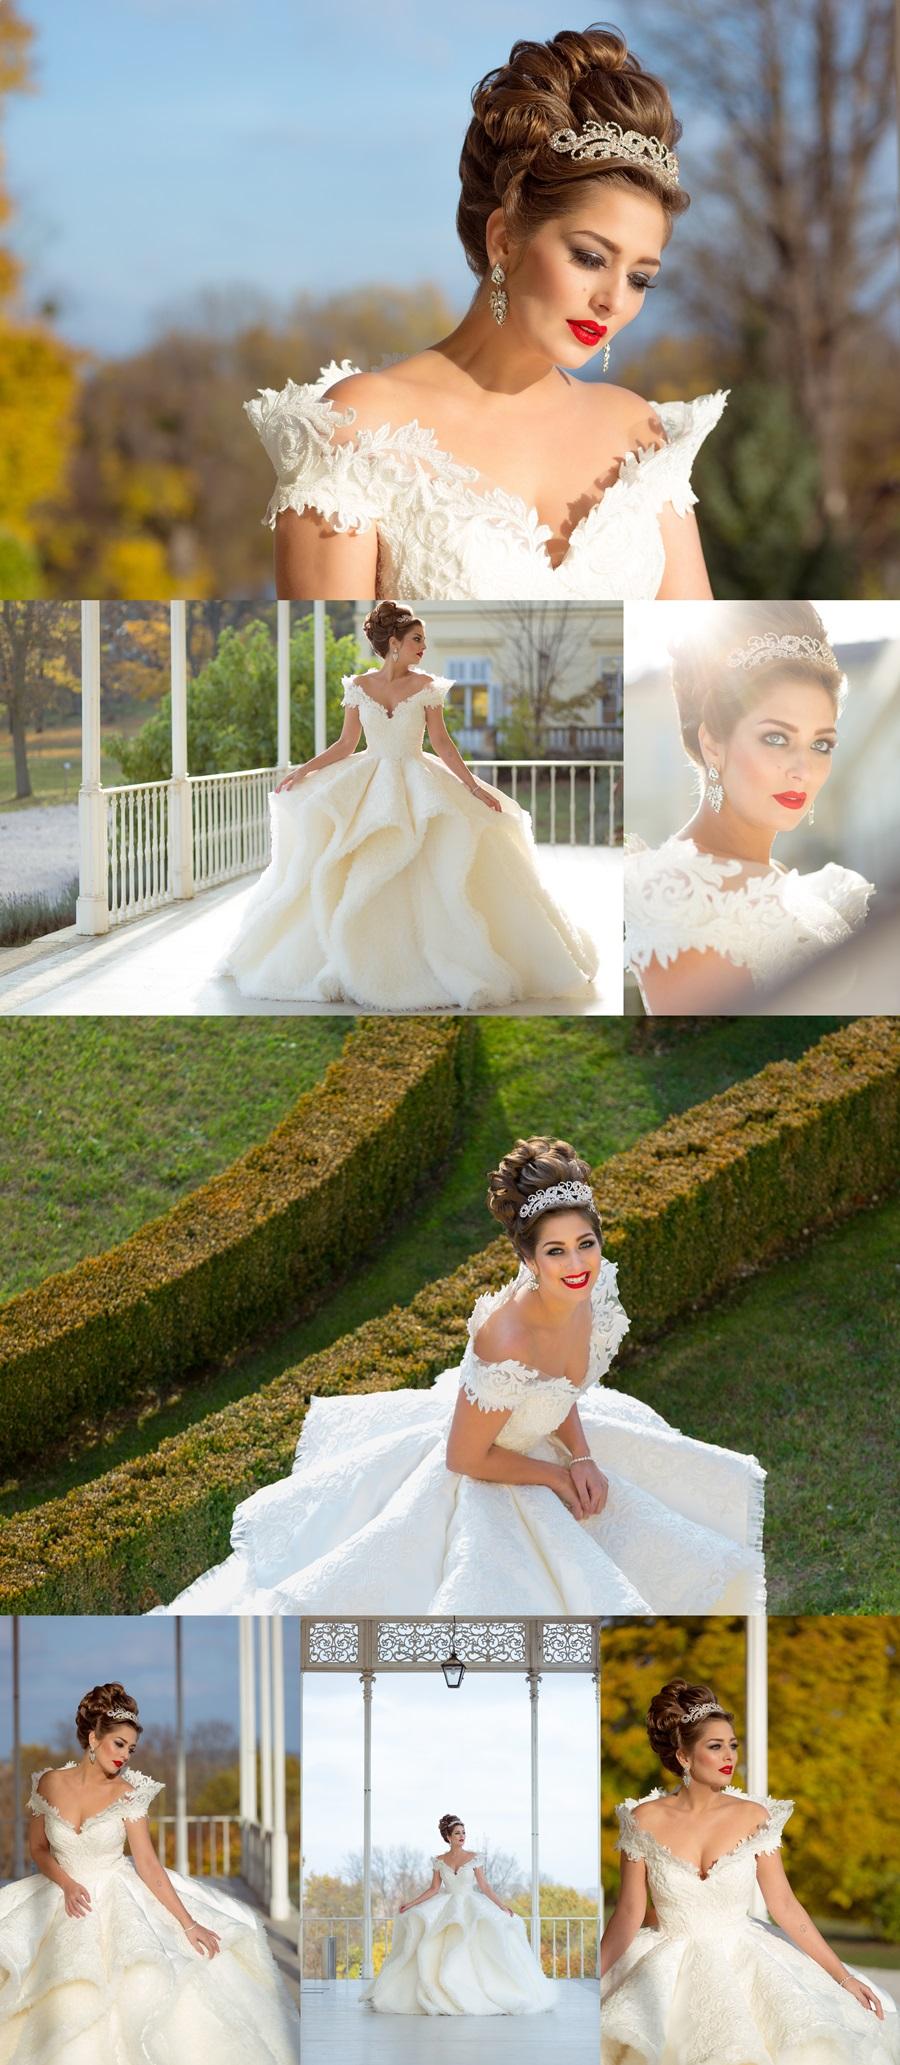 Tenki Dalma esküvői fejdísz fehérvárcsurgó